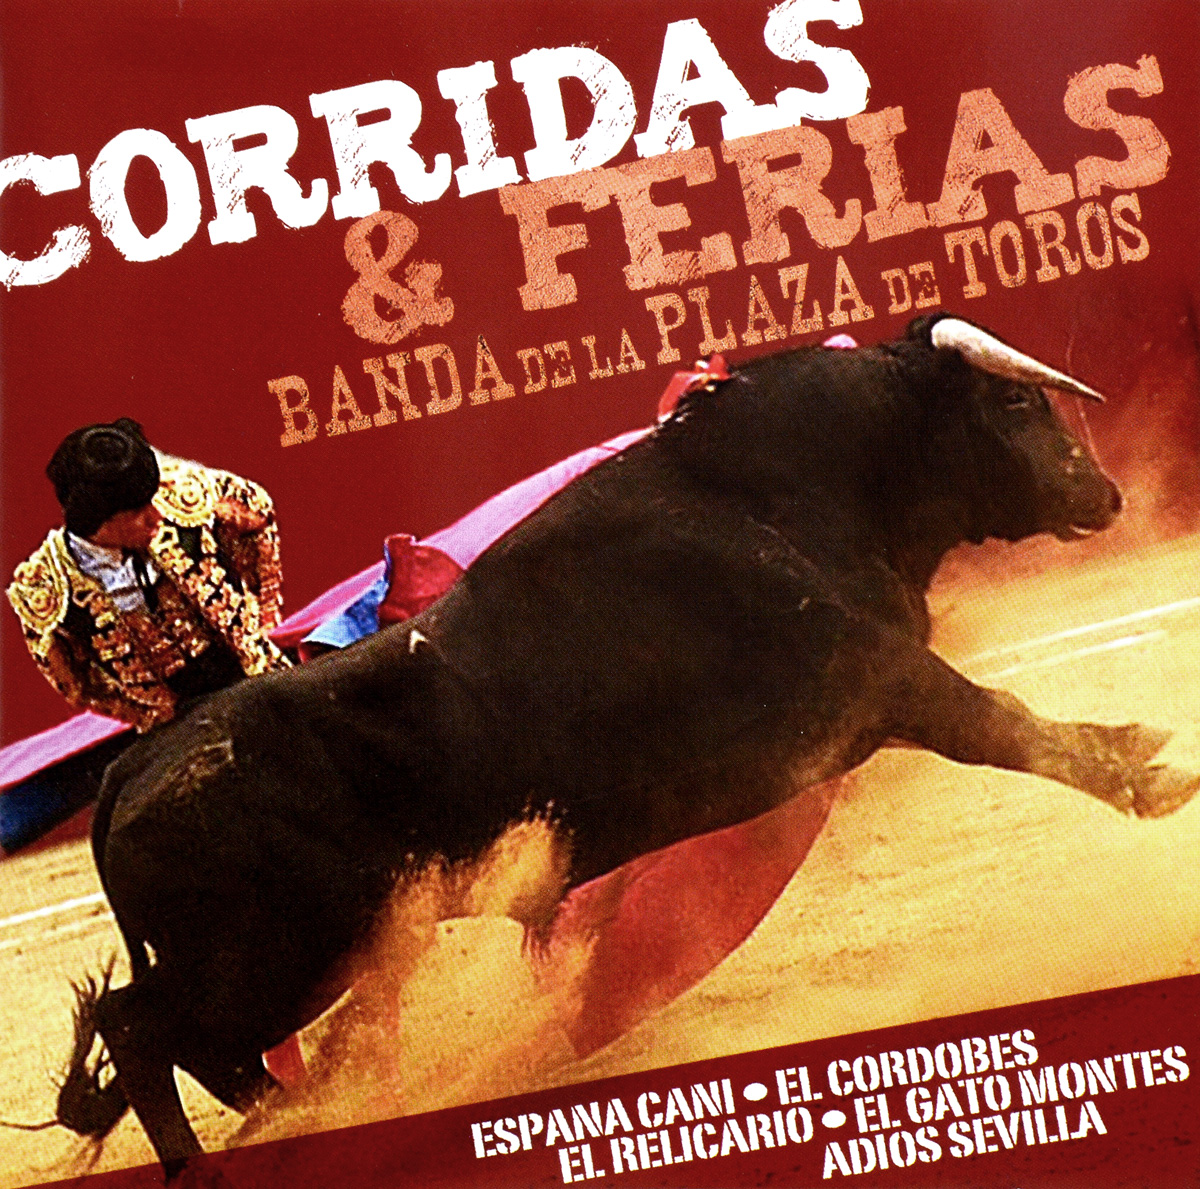 Corridas & Ferias Corridas & Ferias. Banda De La Plaza De Toros toros almadén